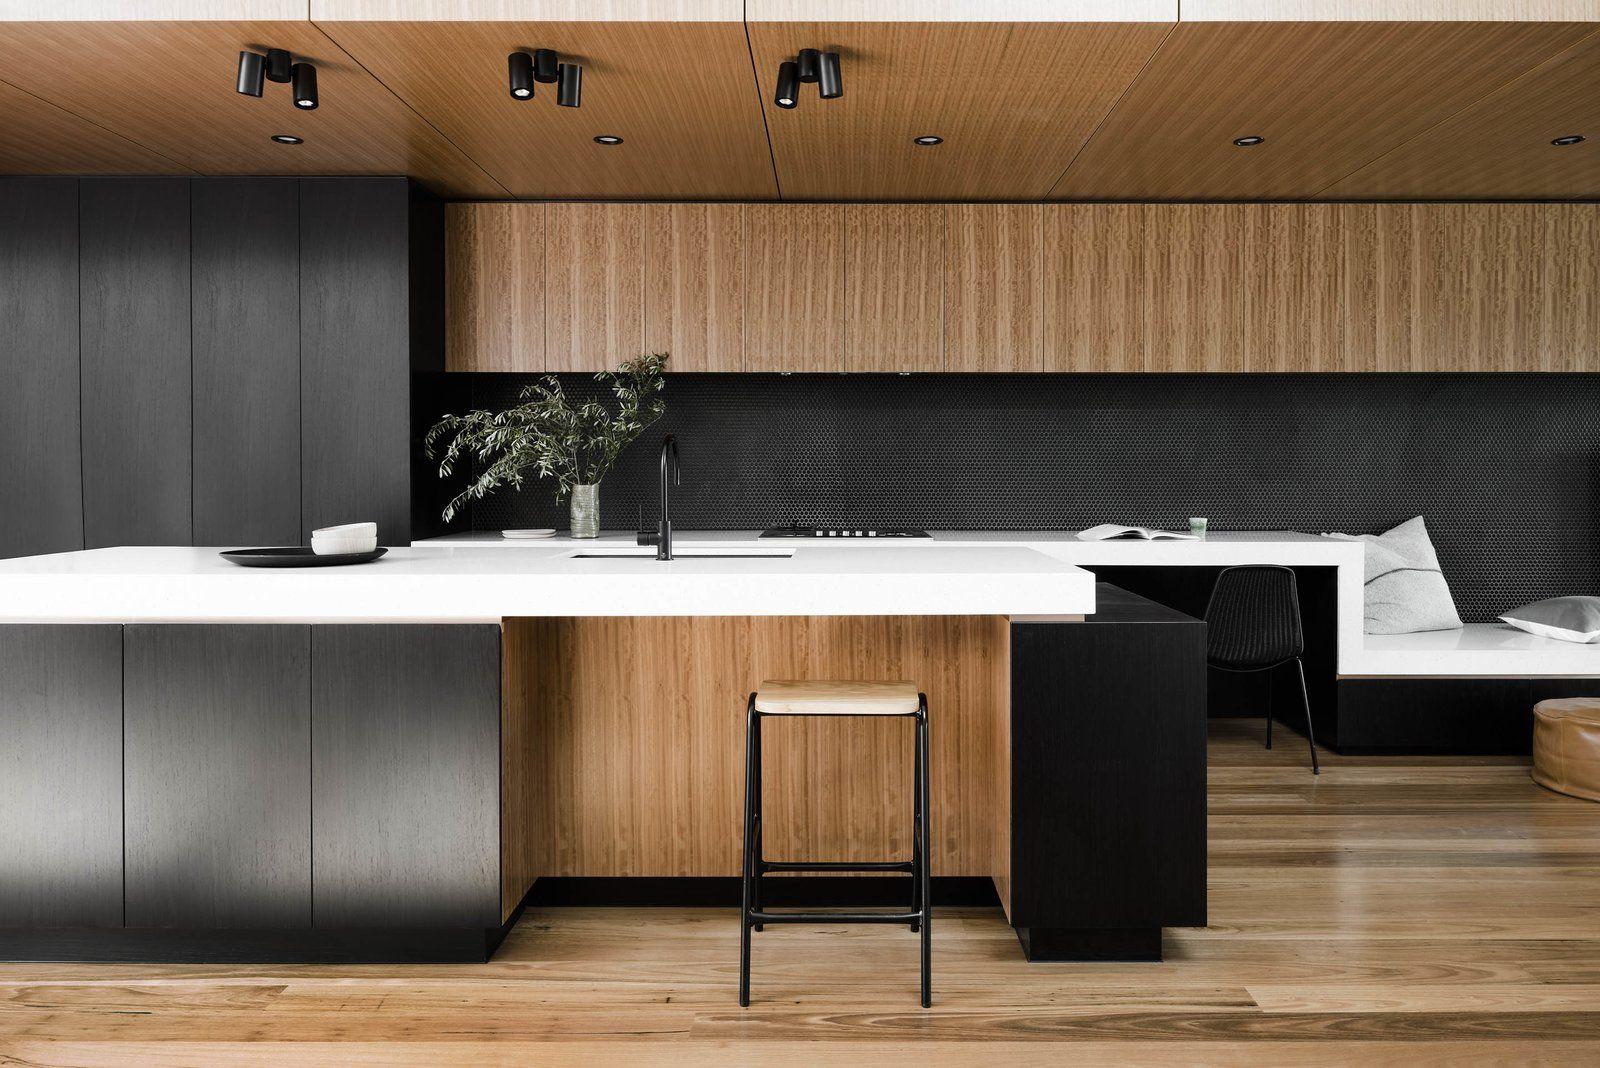 Top 10 Kitchens of 2017 Kitchen design, Kitchen interior